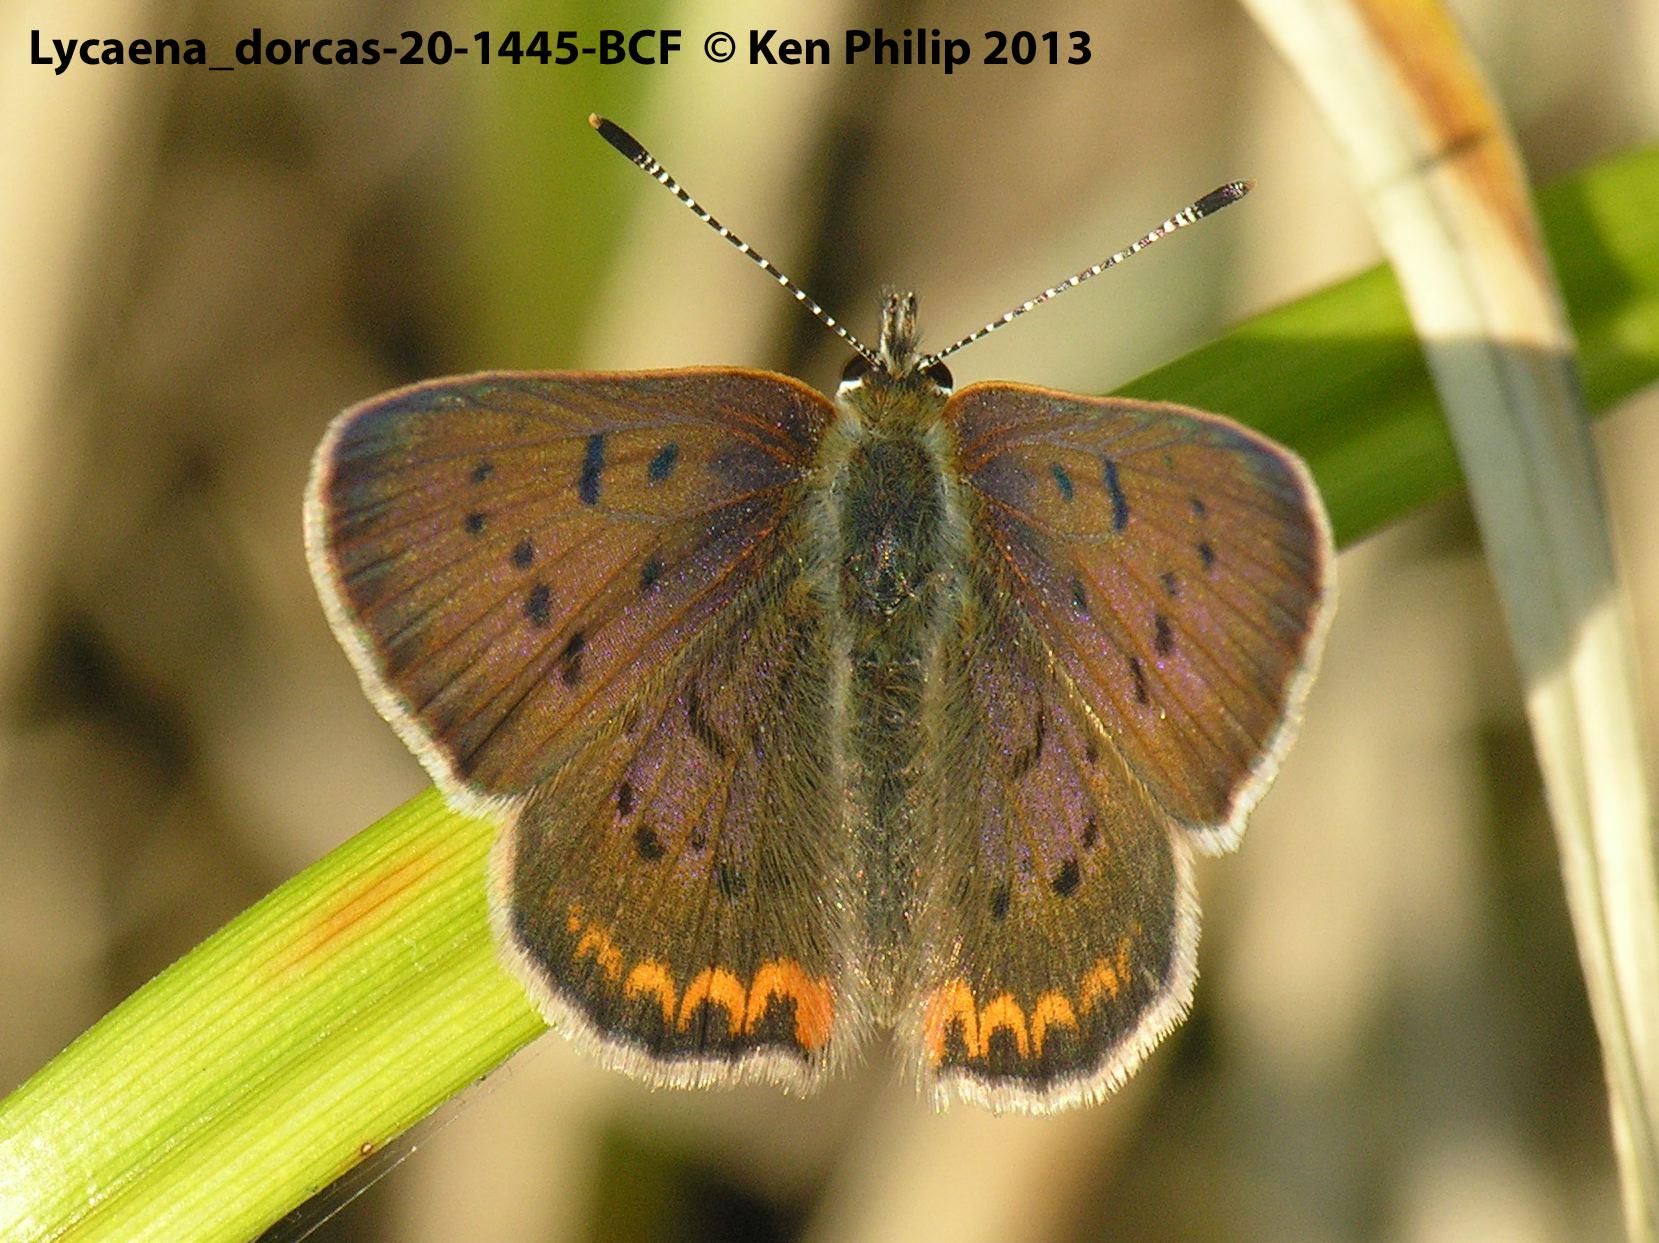 25-Lycaena_dorcas-20-1445-BCF